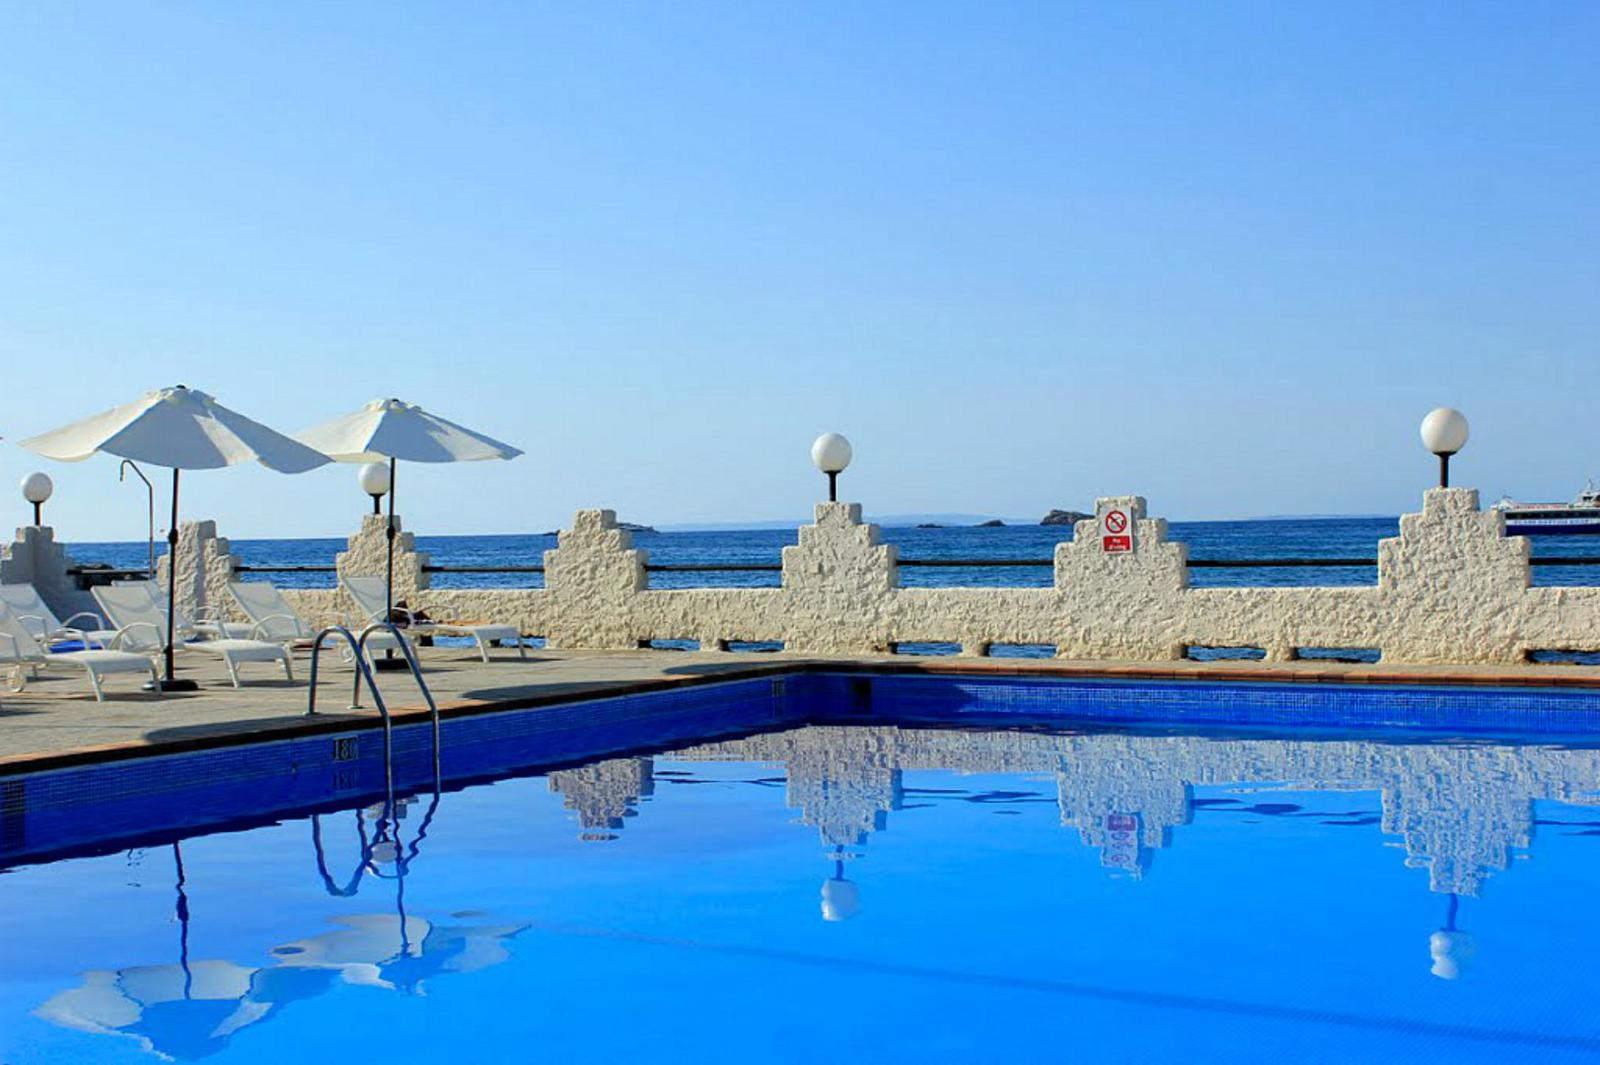 hoteles playa ibiza ebeso2triv (Large)